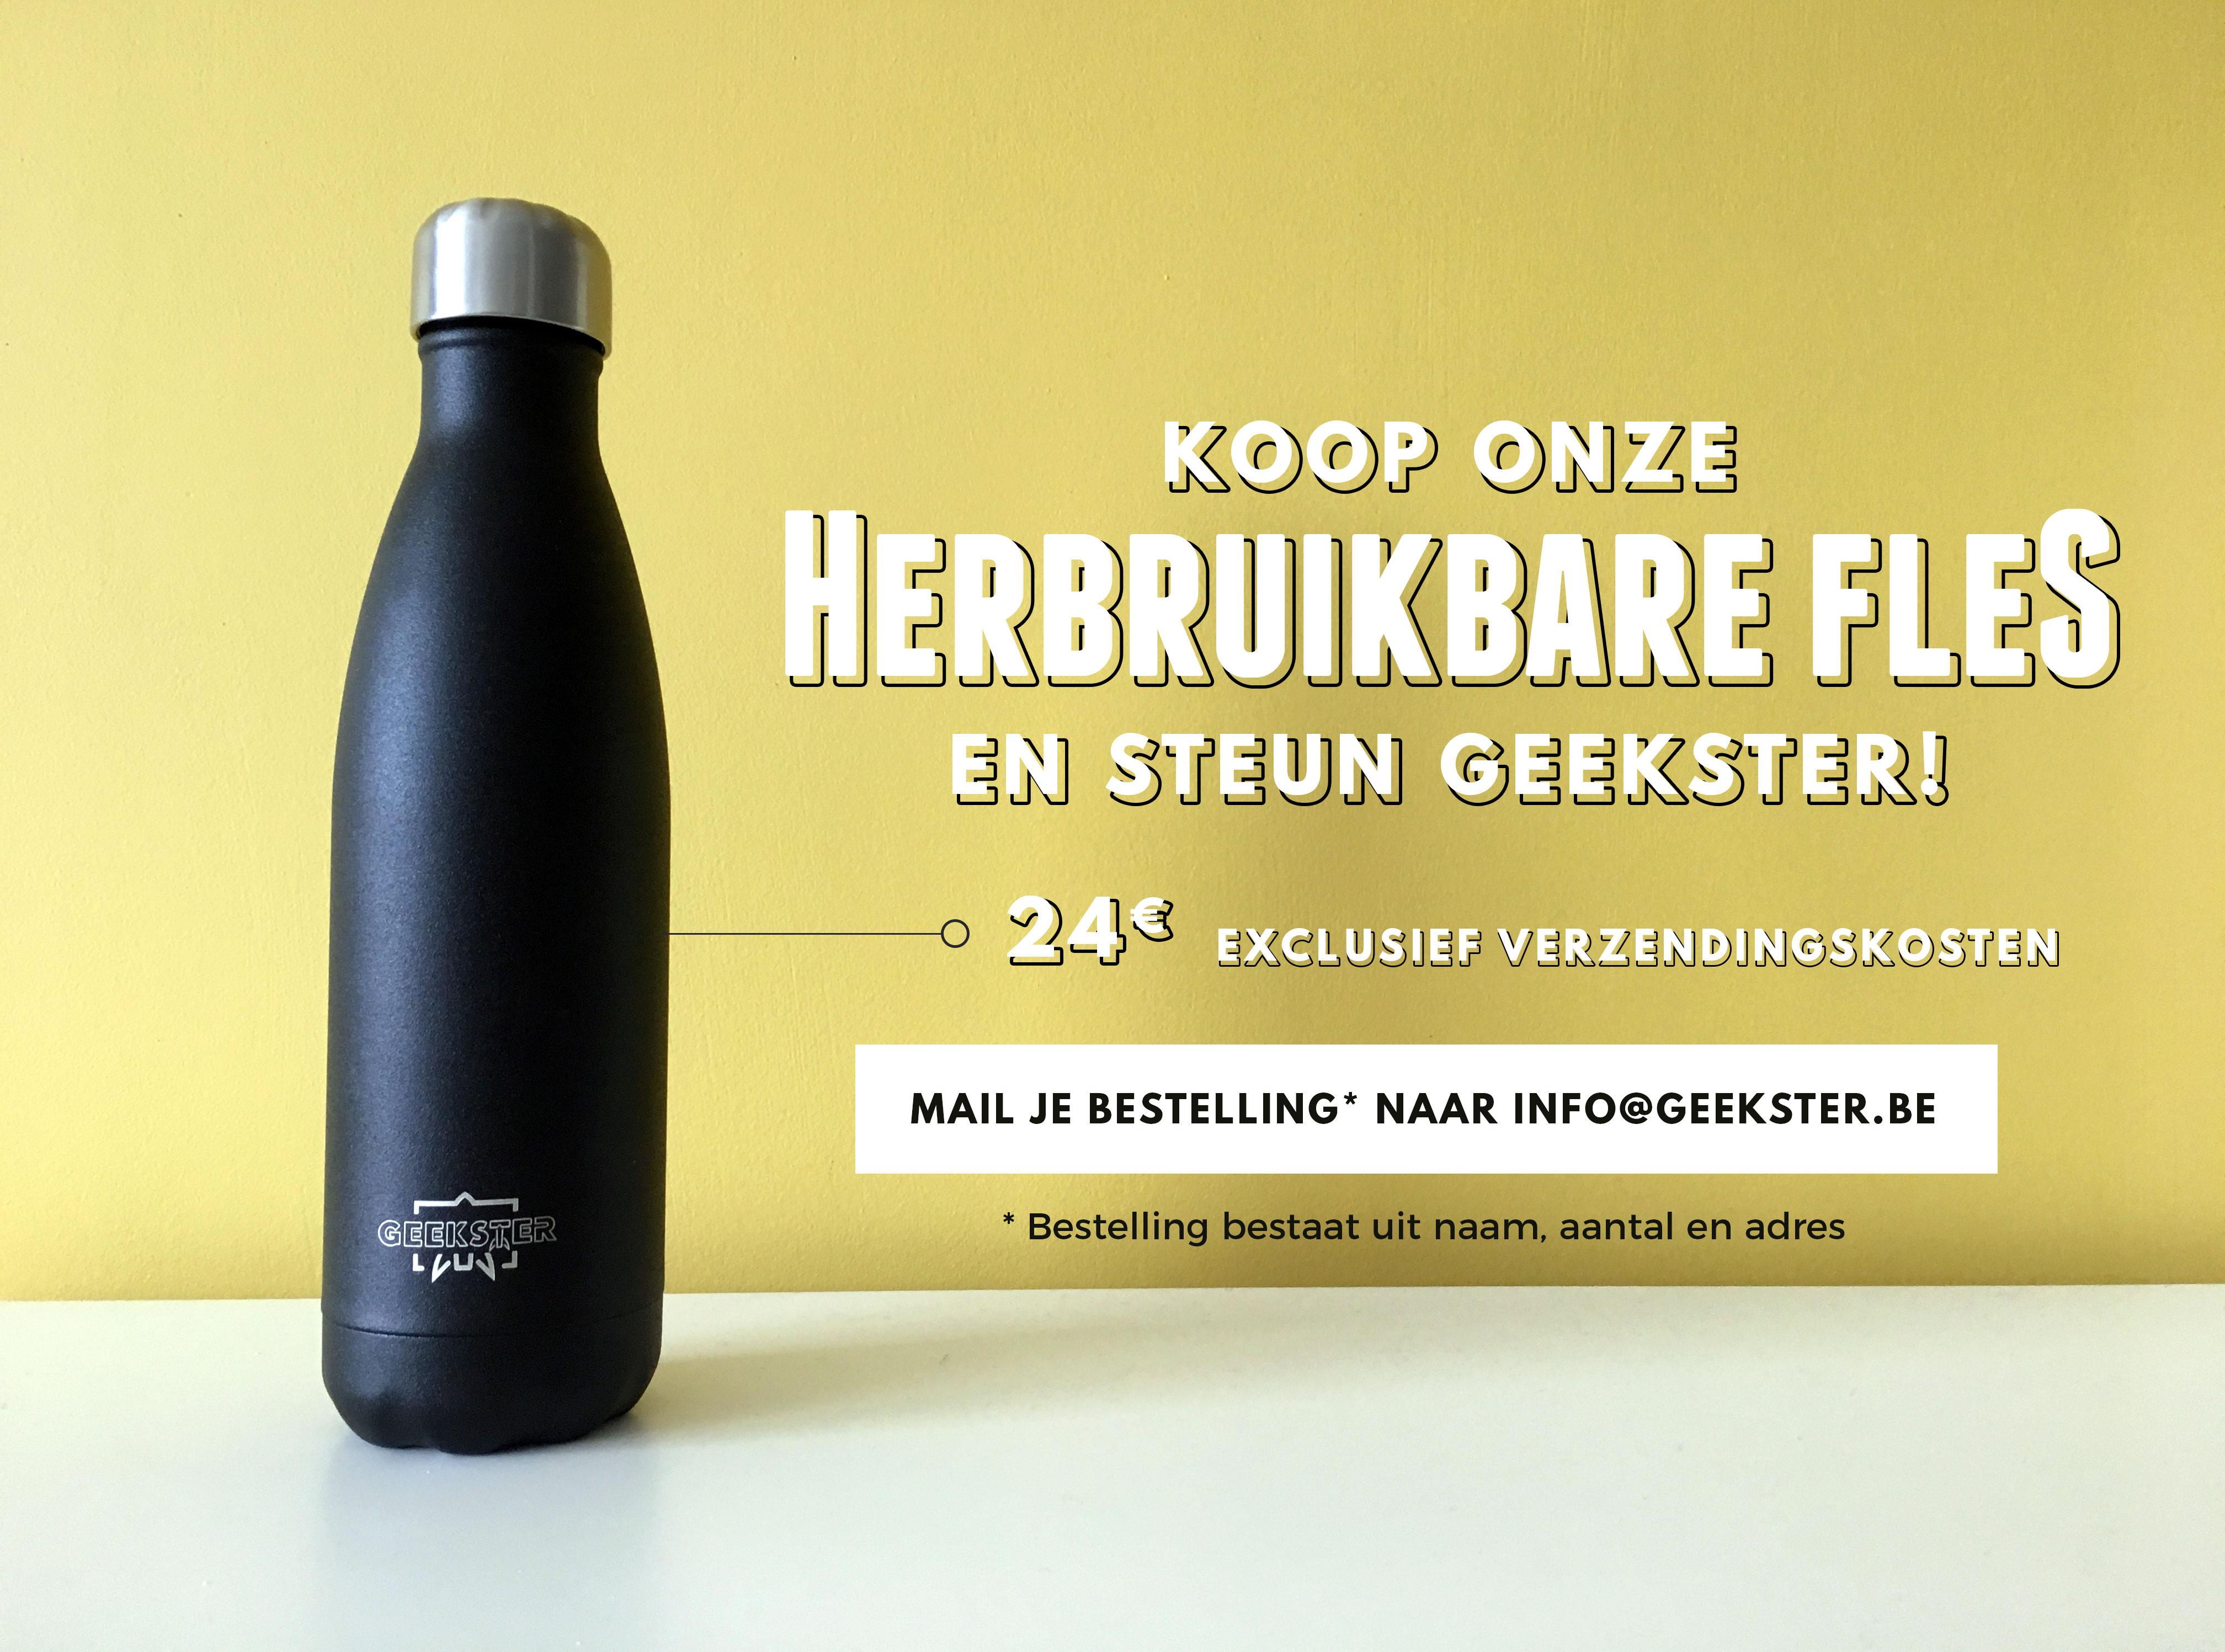 Koop onze Herbruikbare Flessen